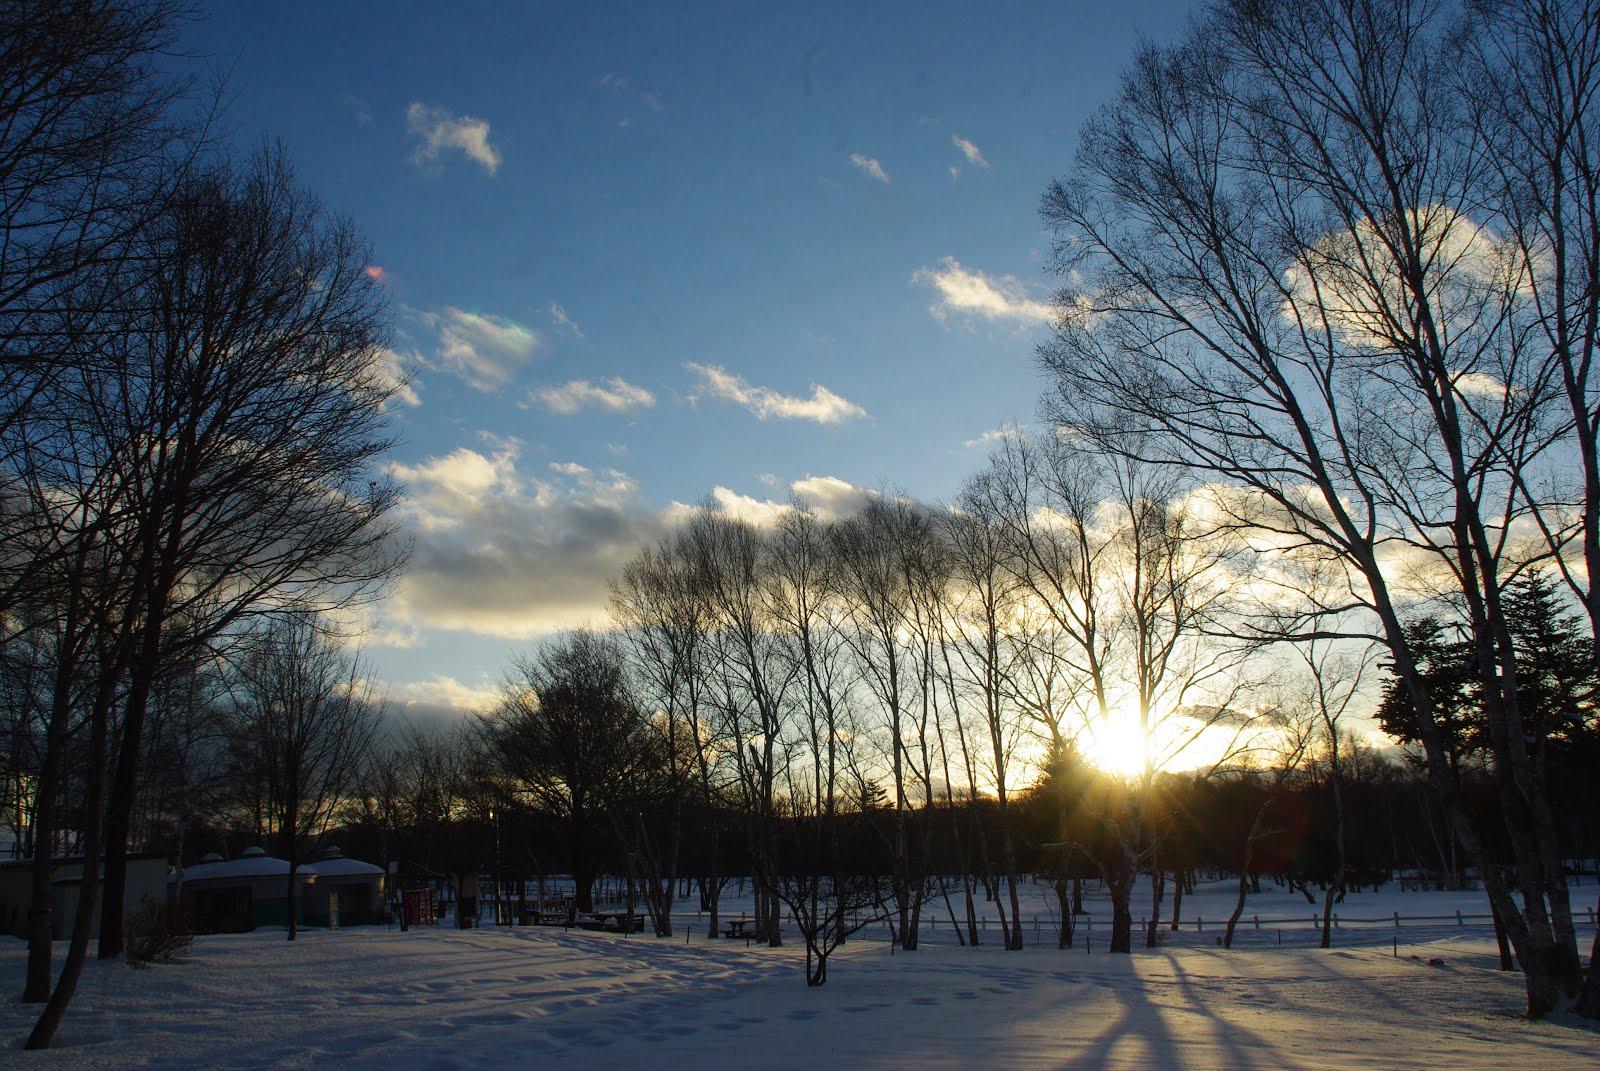 美しい夕日に映える近所の公園